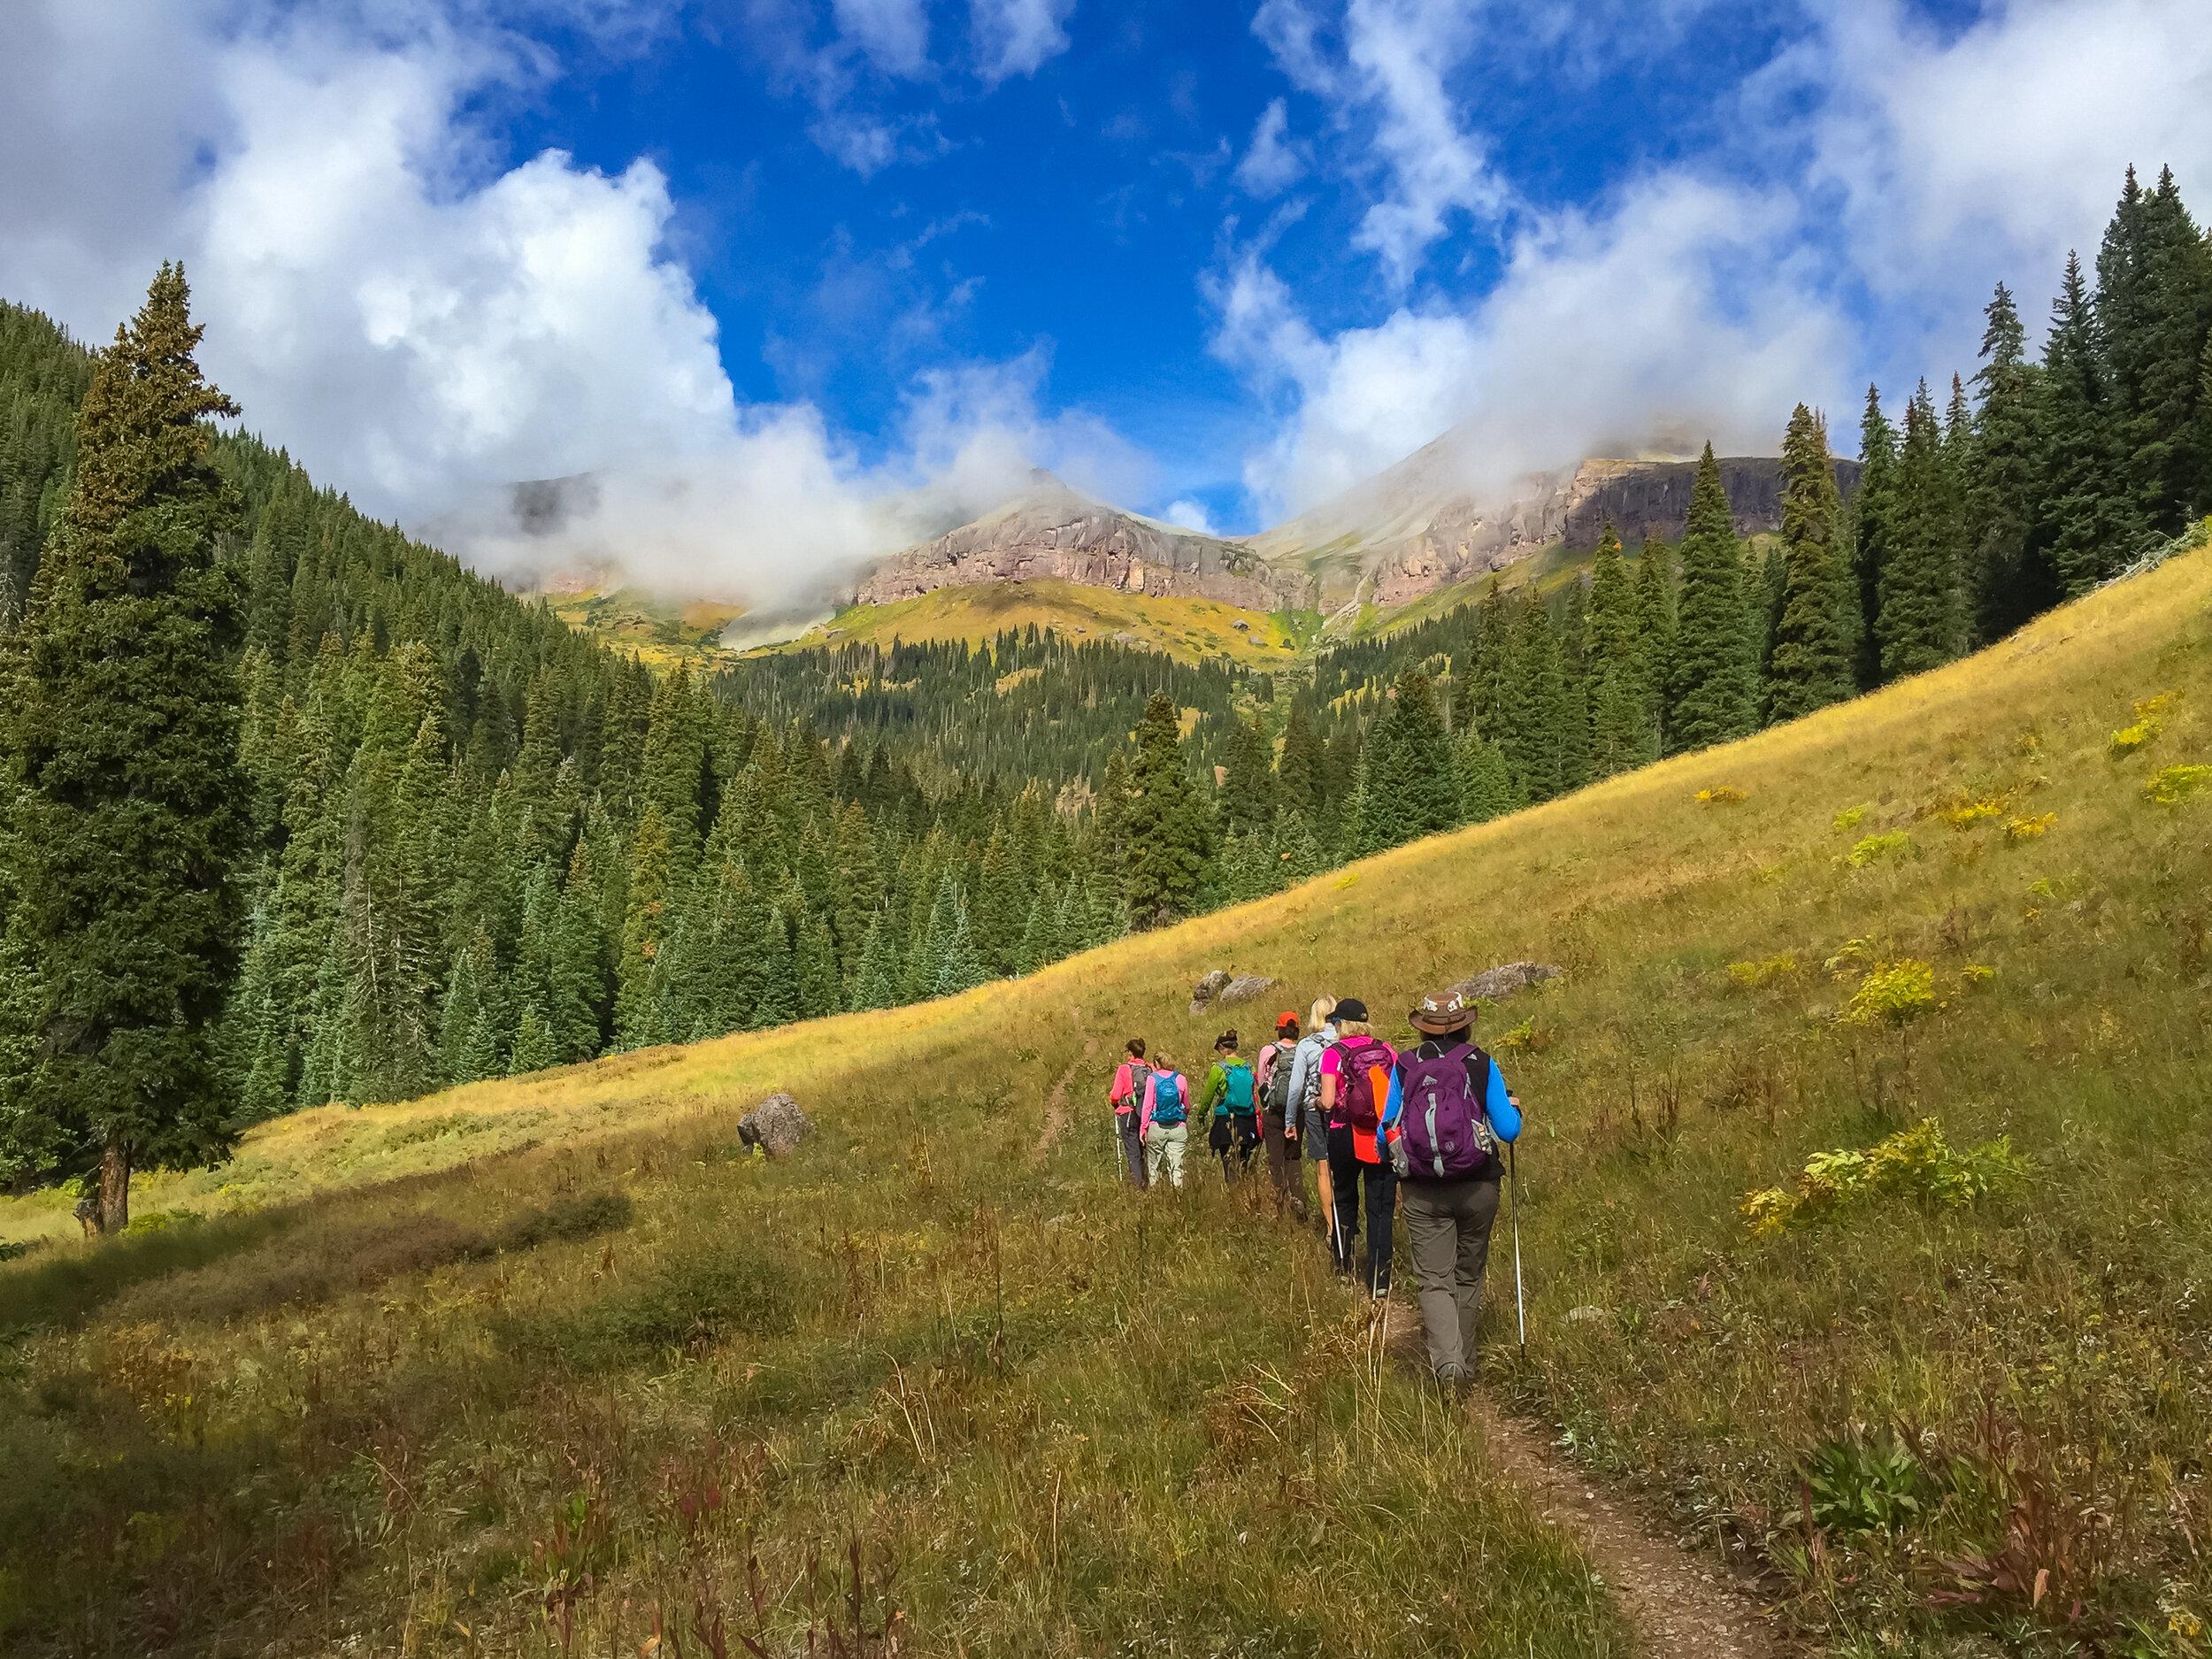 Moxies (Connie, Kyla, Mary, Angela, Lois, Lisa & Gina) hike up the trail